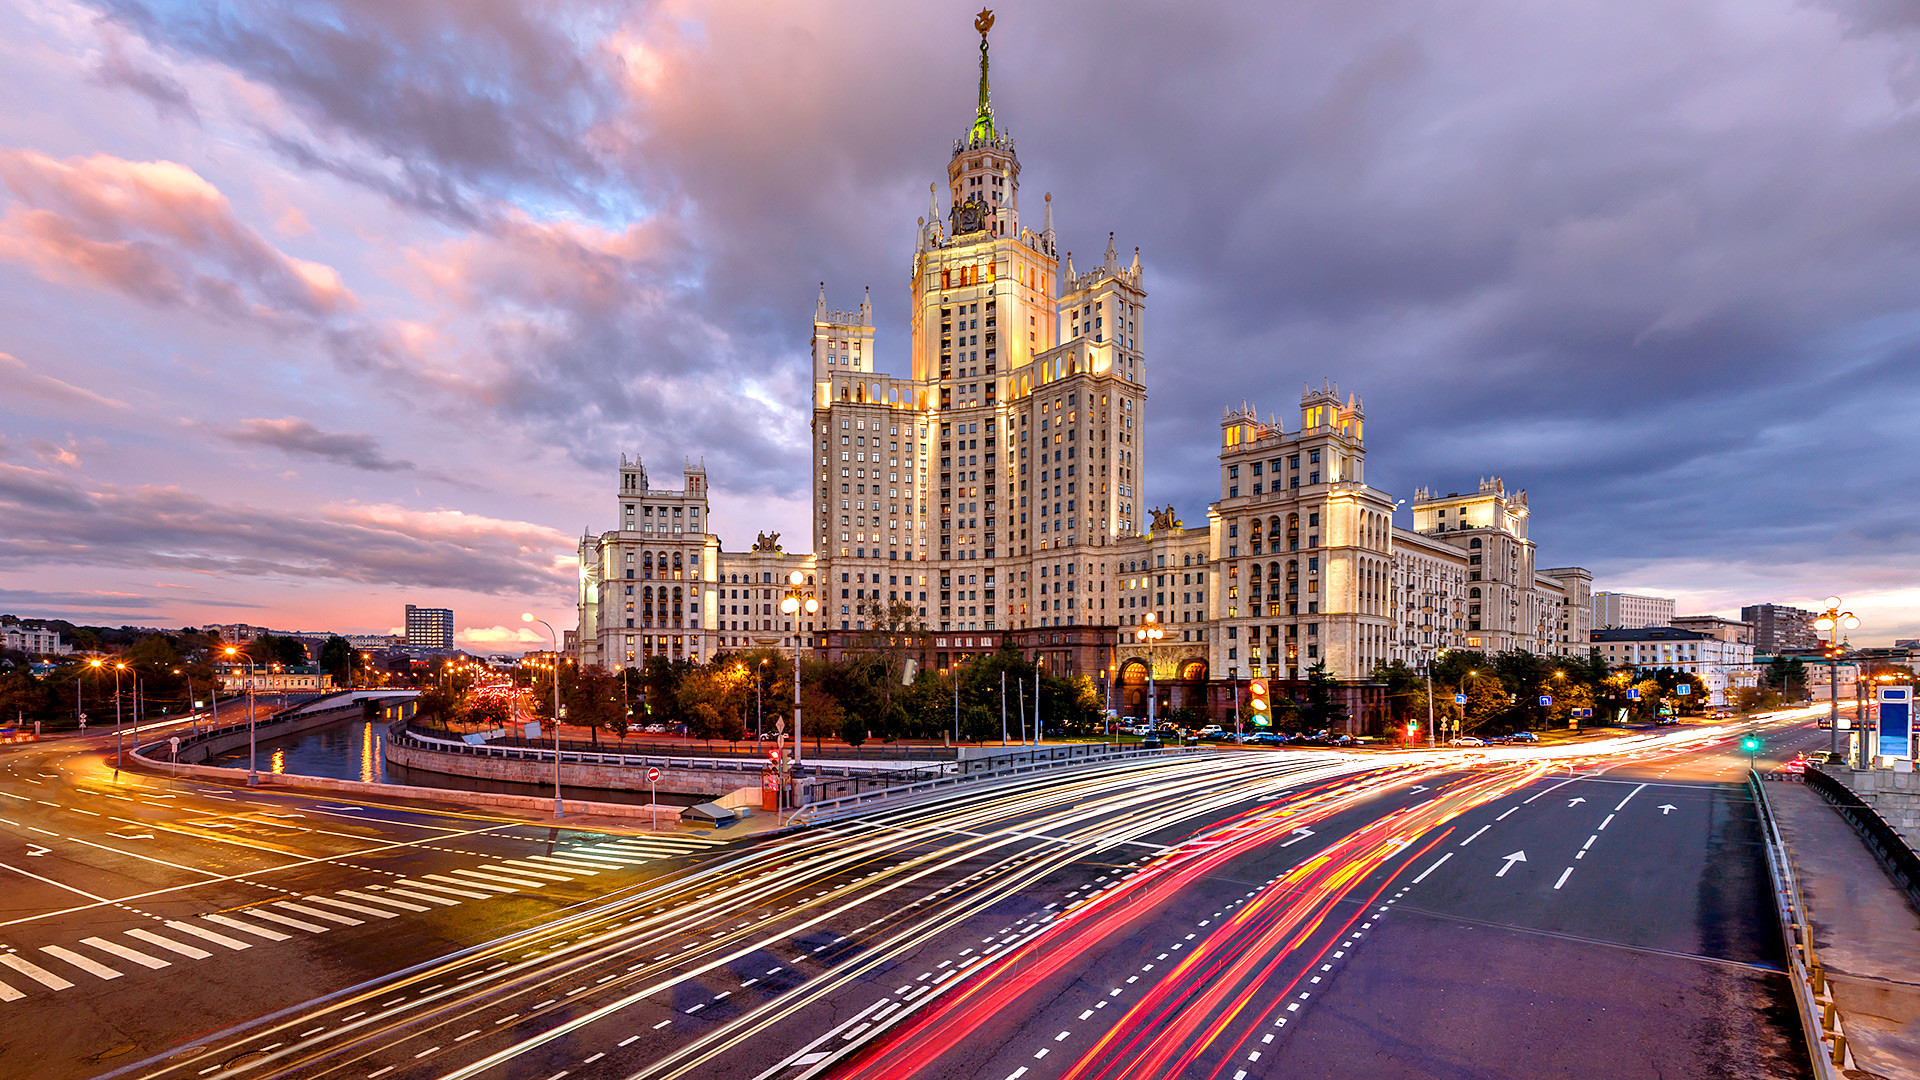 59fb314085600a0f811461d4 - هفت خواهران یا آسمانخراشهای استالین مسکو ، روسیه | Moscow